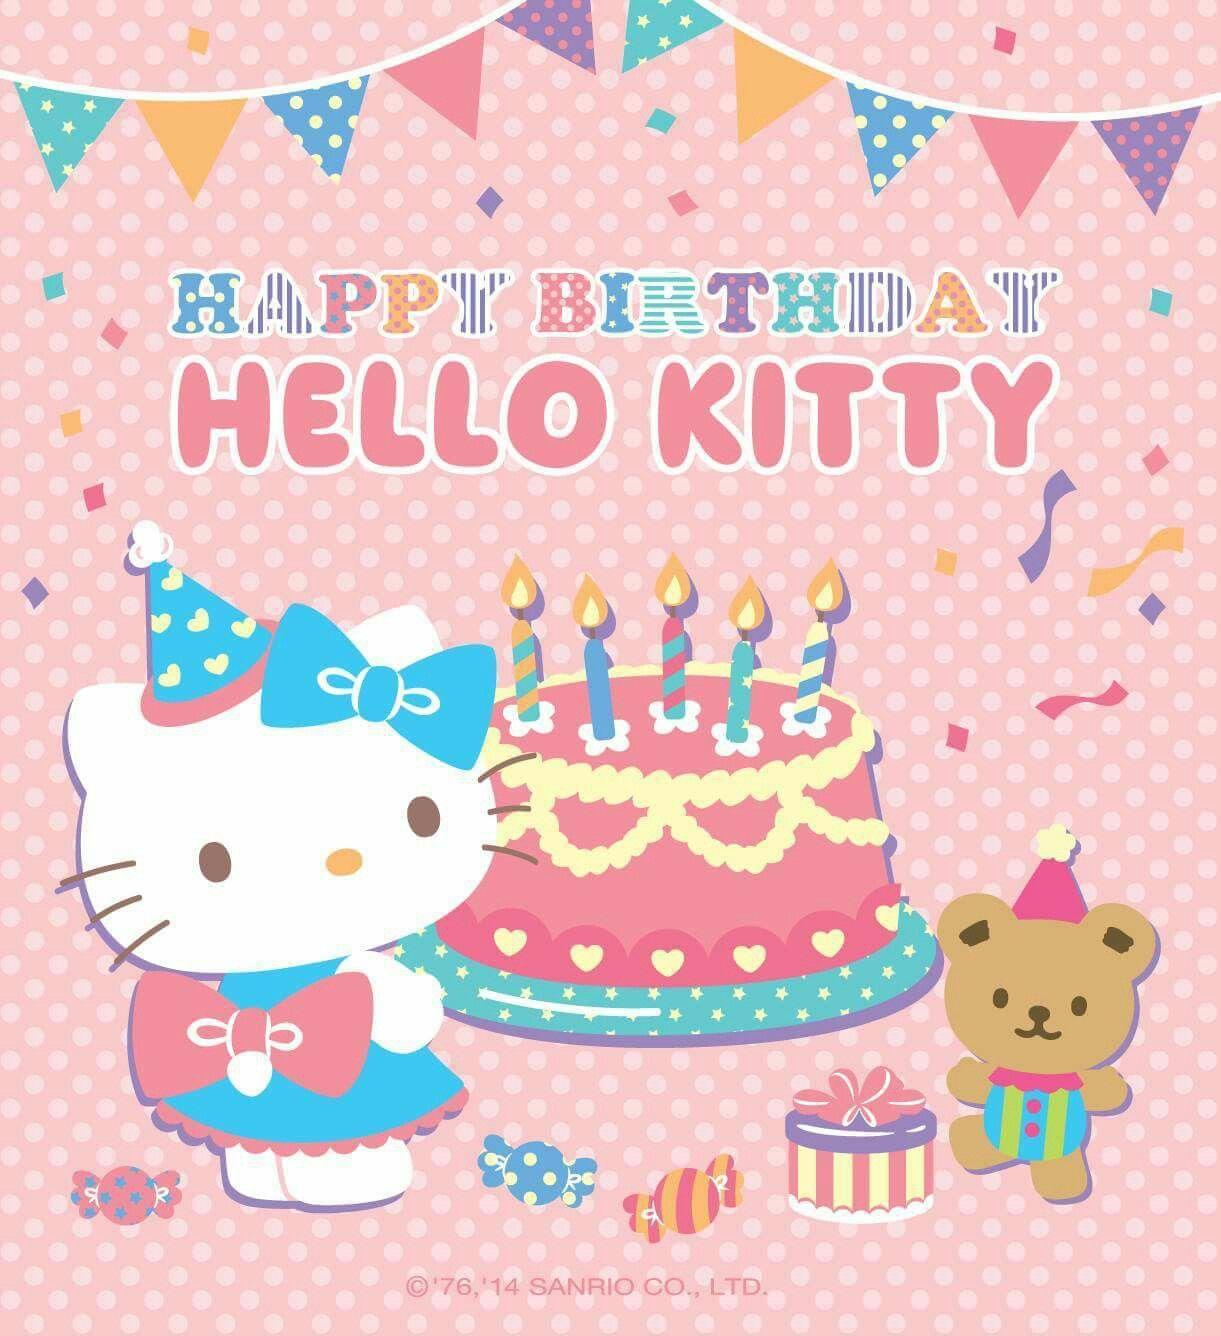 Pin By Apple Leung On Hello Kitty Pinterest Hello Kitty Sanrio